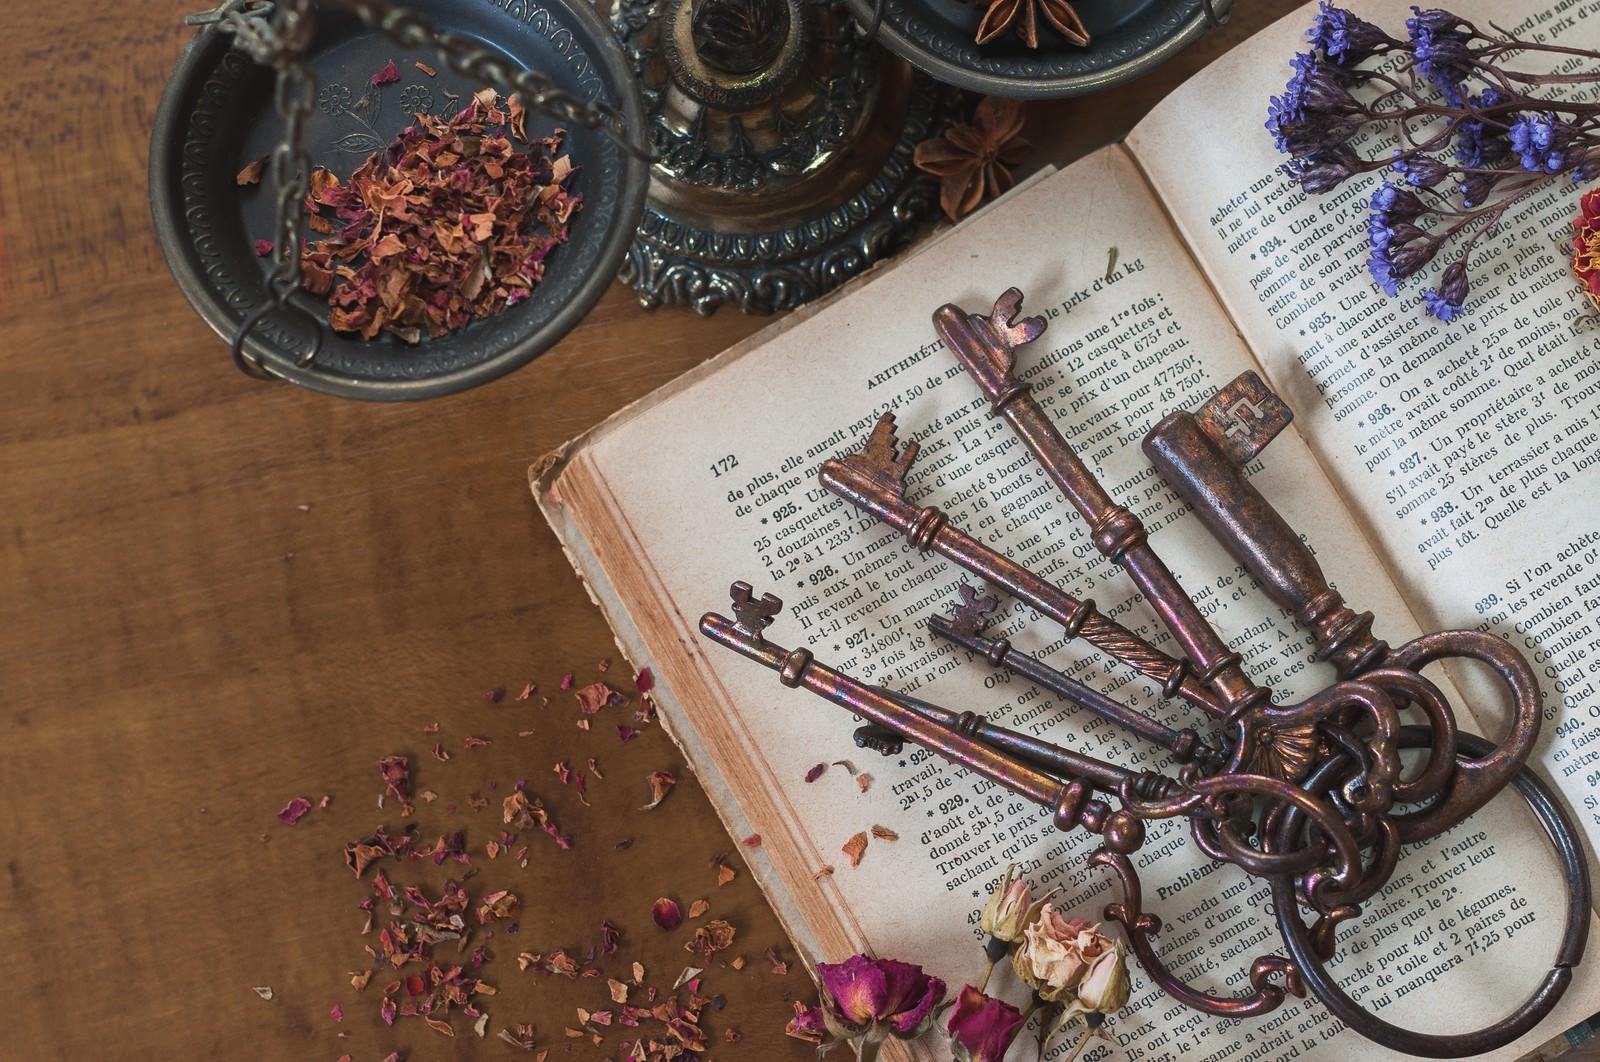 「古い鍵と古書とドライフラワー」の写真